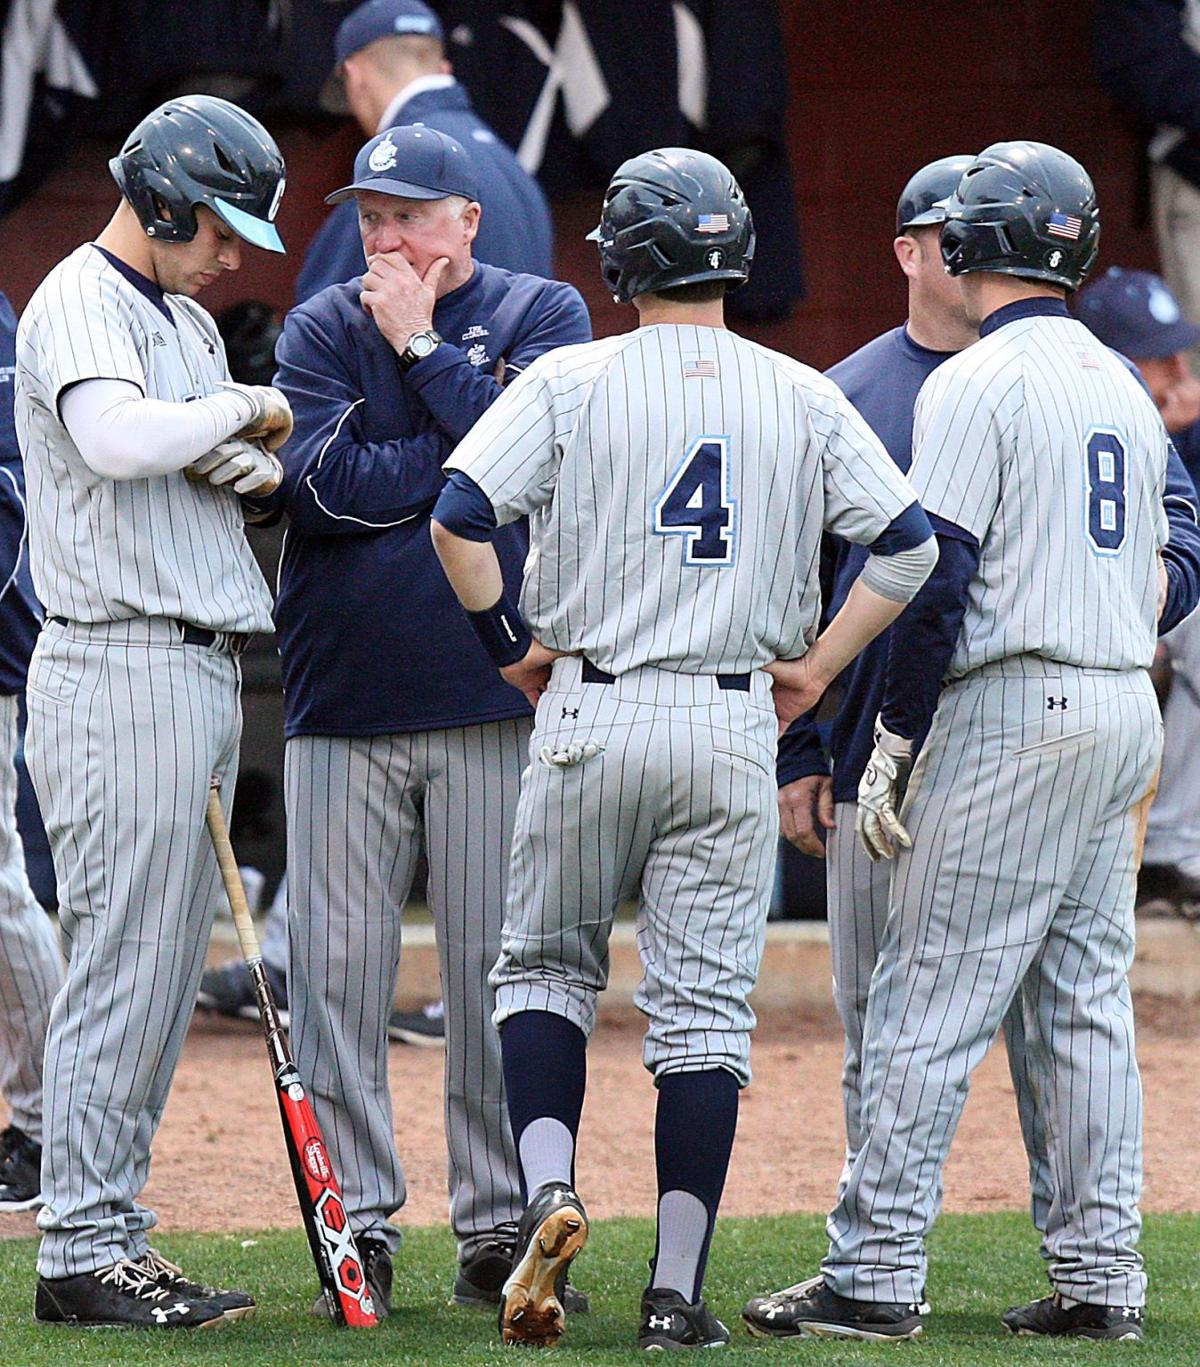 Citadel baseball to face seven postseason teams